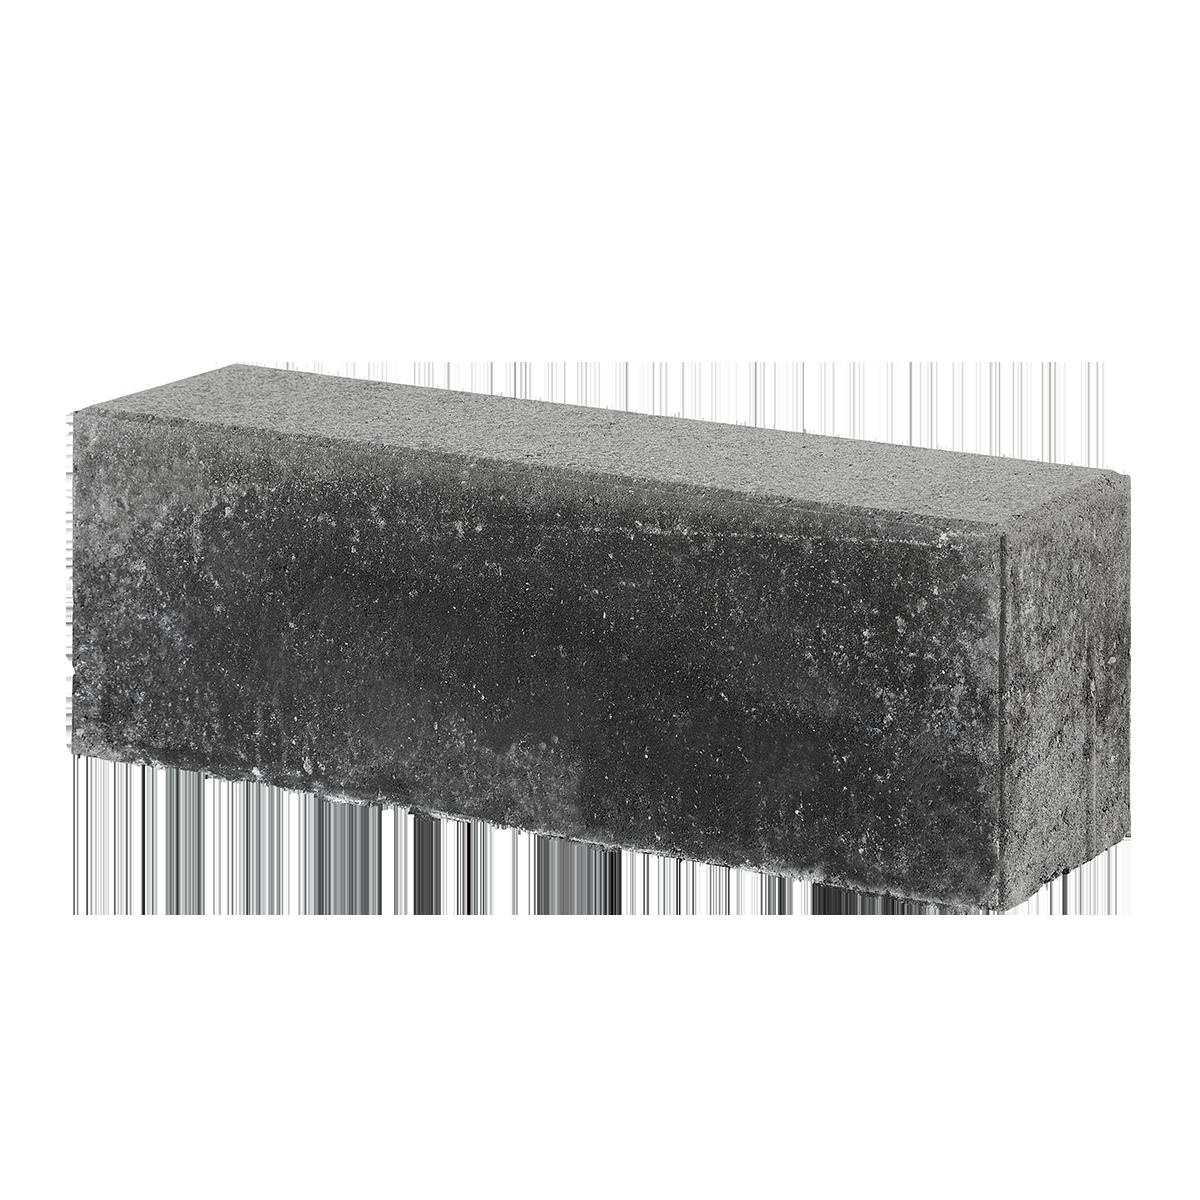 Albertslundkantsten 15x20x60 cm Sort/Antracit vandret overs.